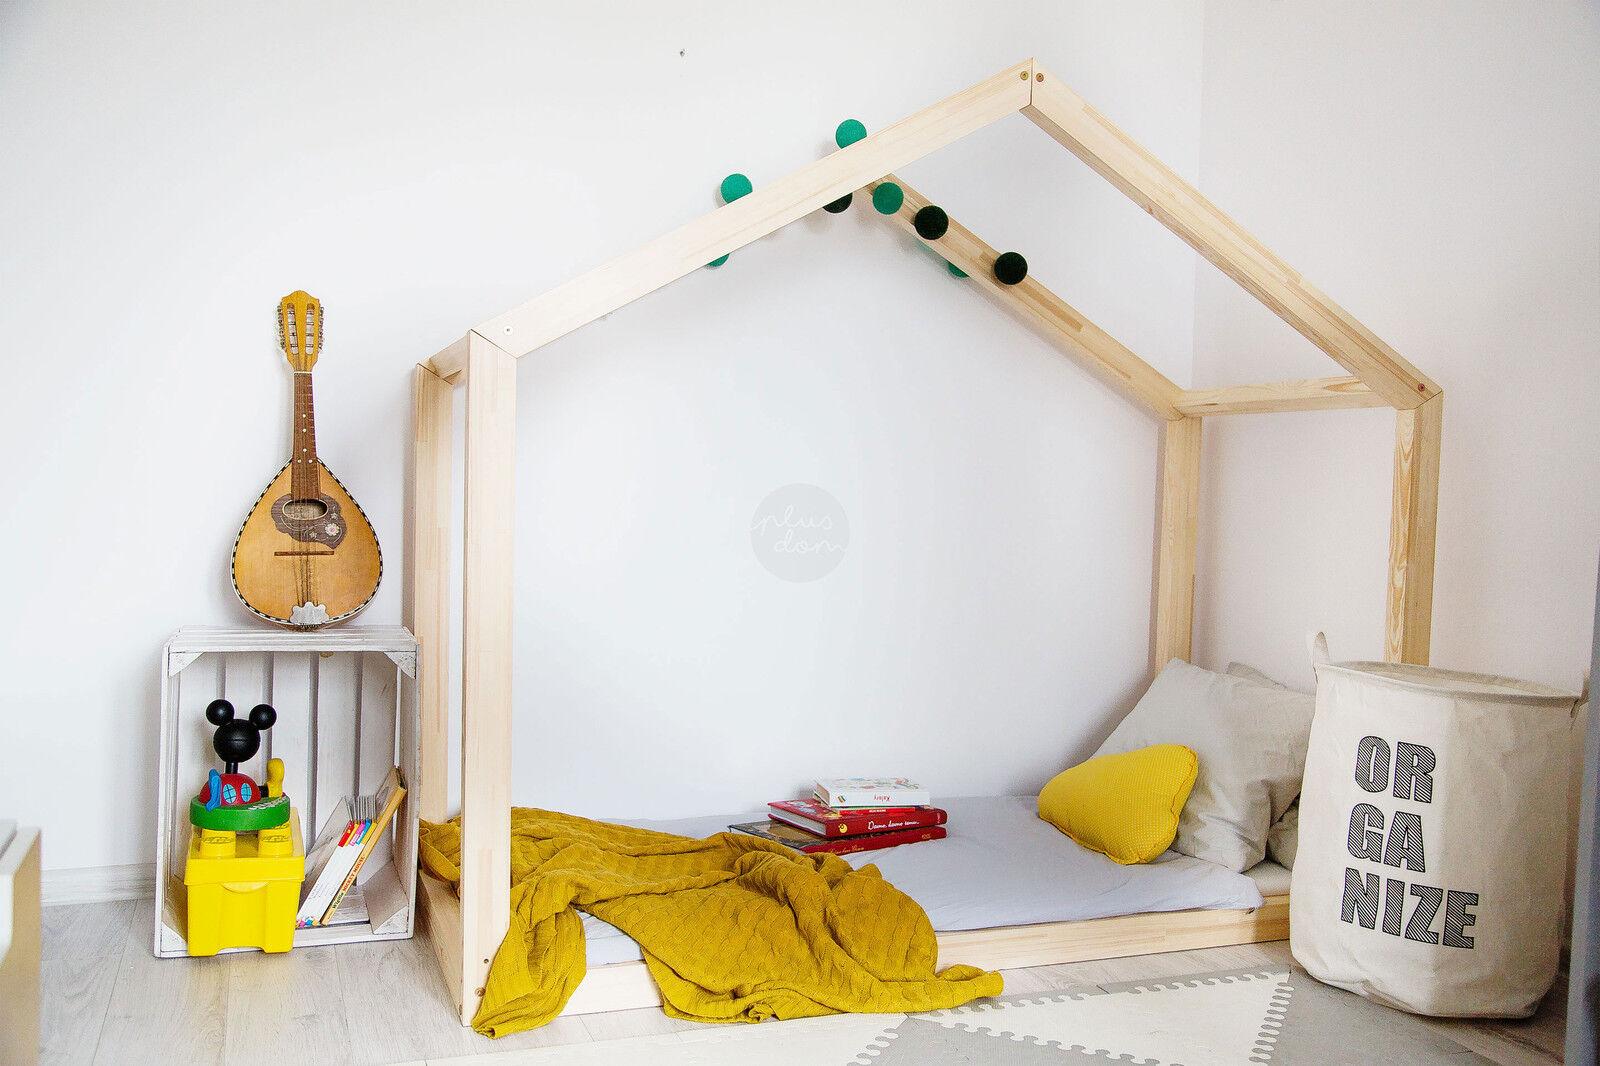 Lit enfant-Maison en bois Lit pour enfants Talo d8 120x200 cm